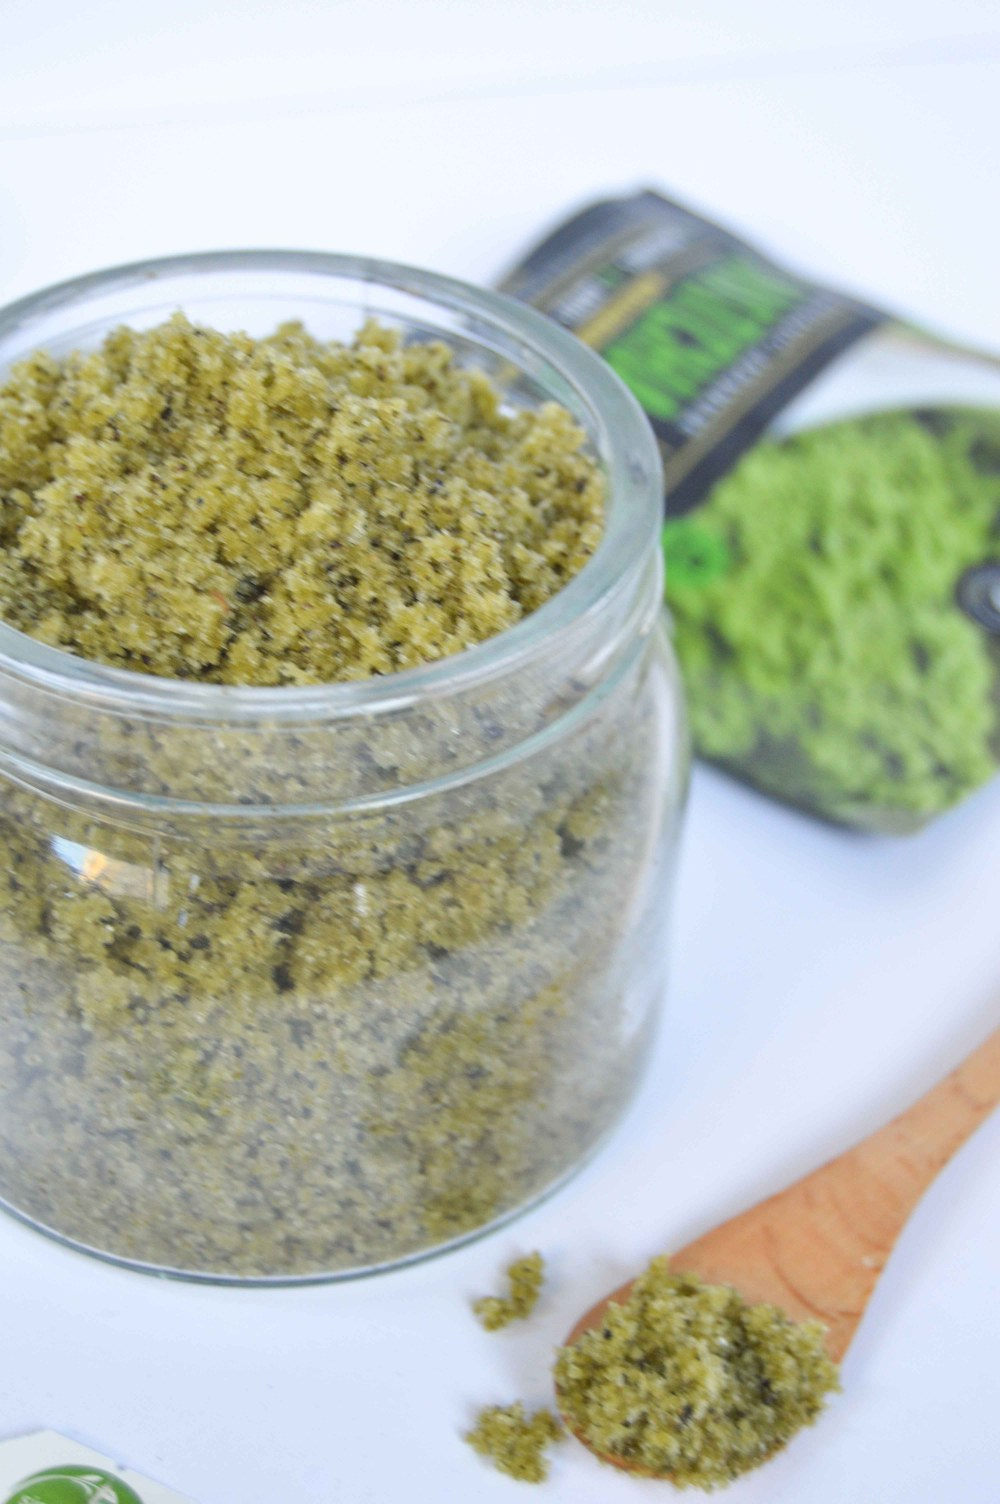 DIY Green Tea Sugar Scrub | www.clubcrafted.com